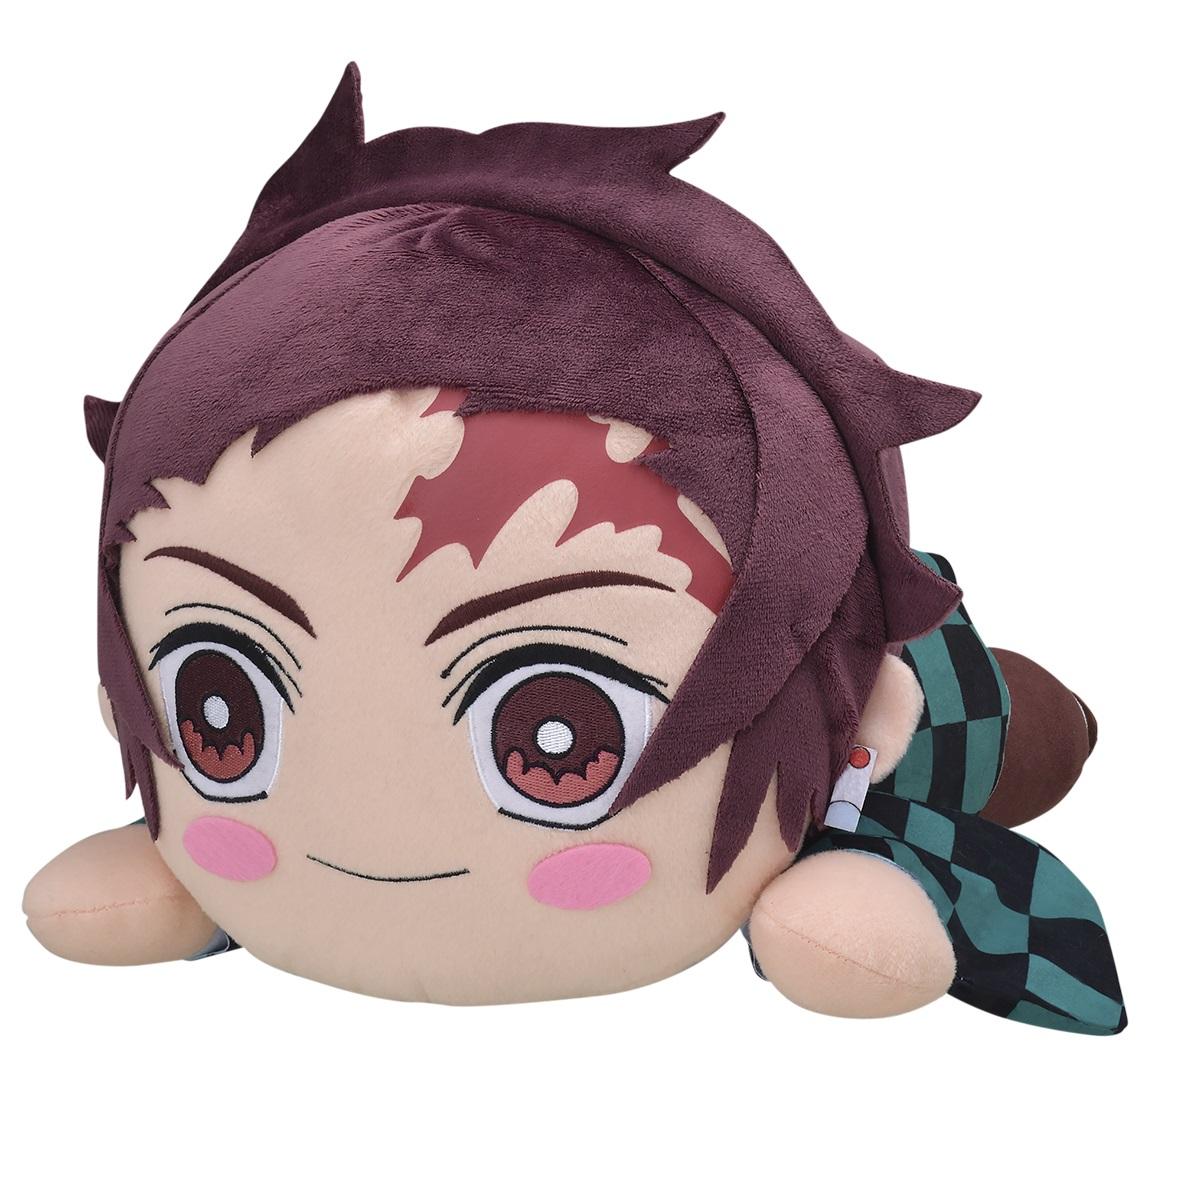 Tanjiro Kamado Plush Doll, Laying Down, Demon Slayer, Kimetsu no Yaiba, Big Size, Sega